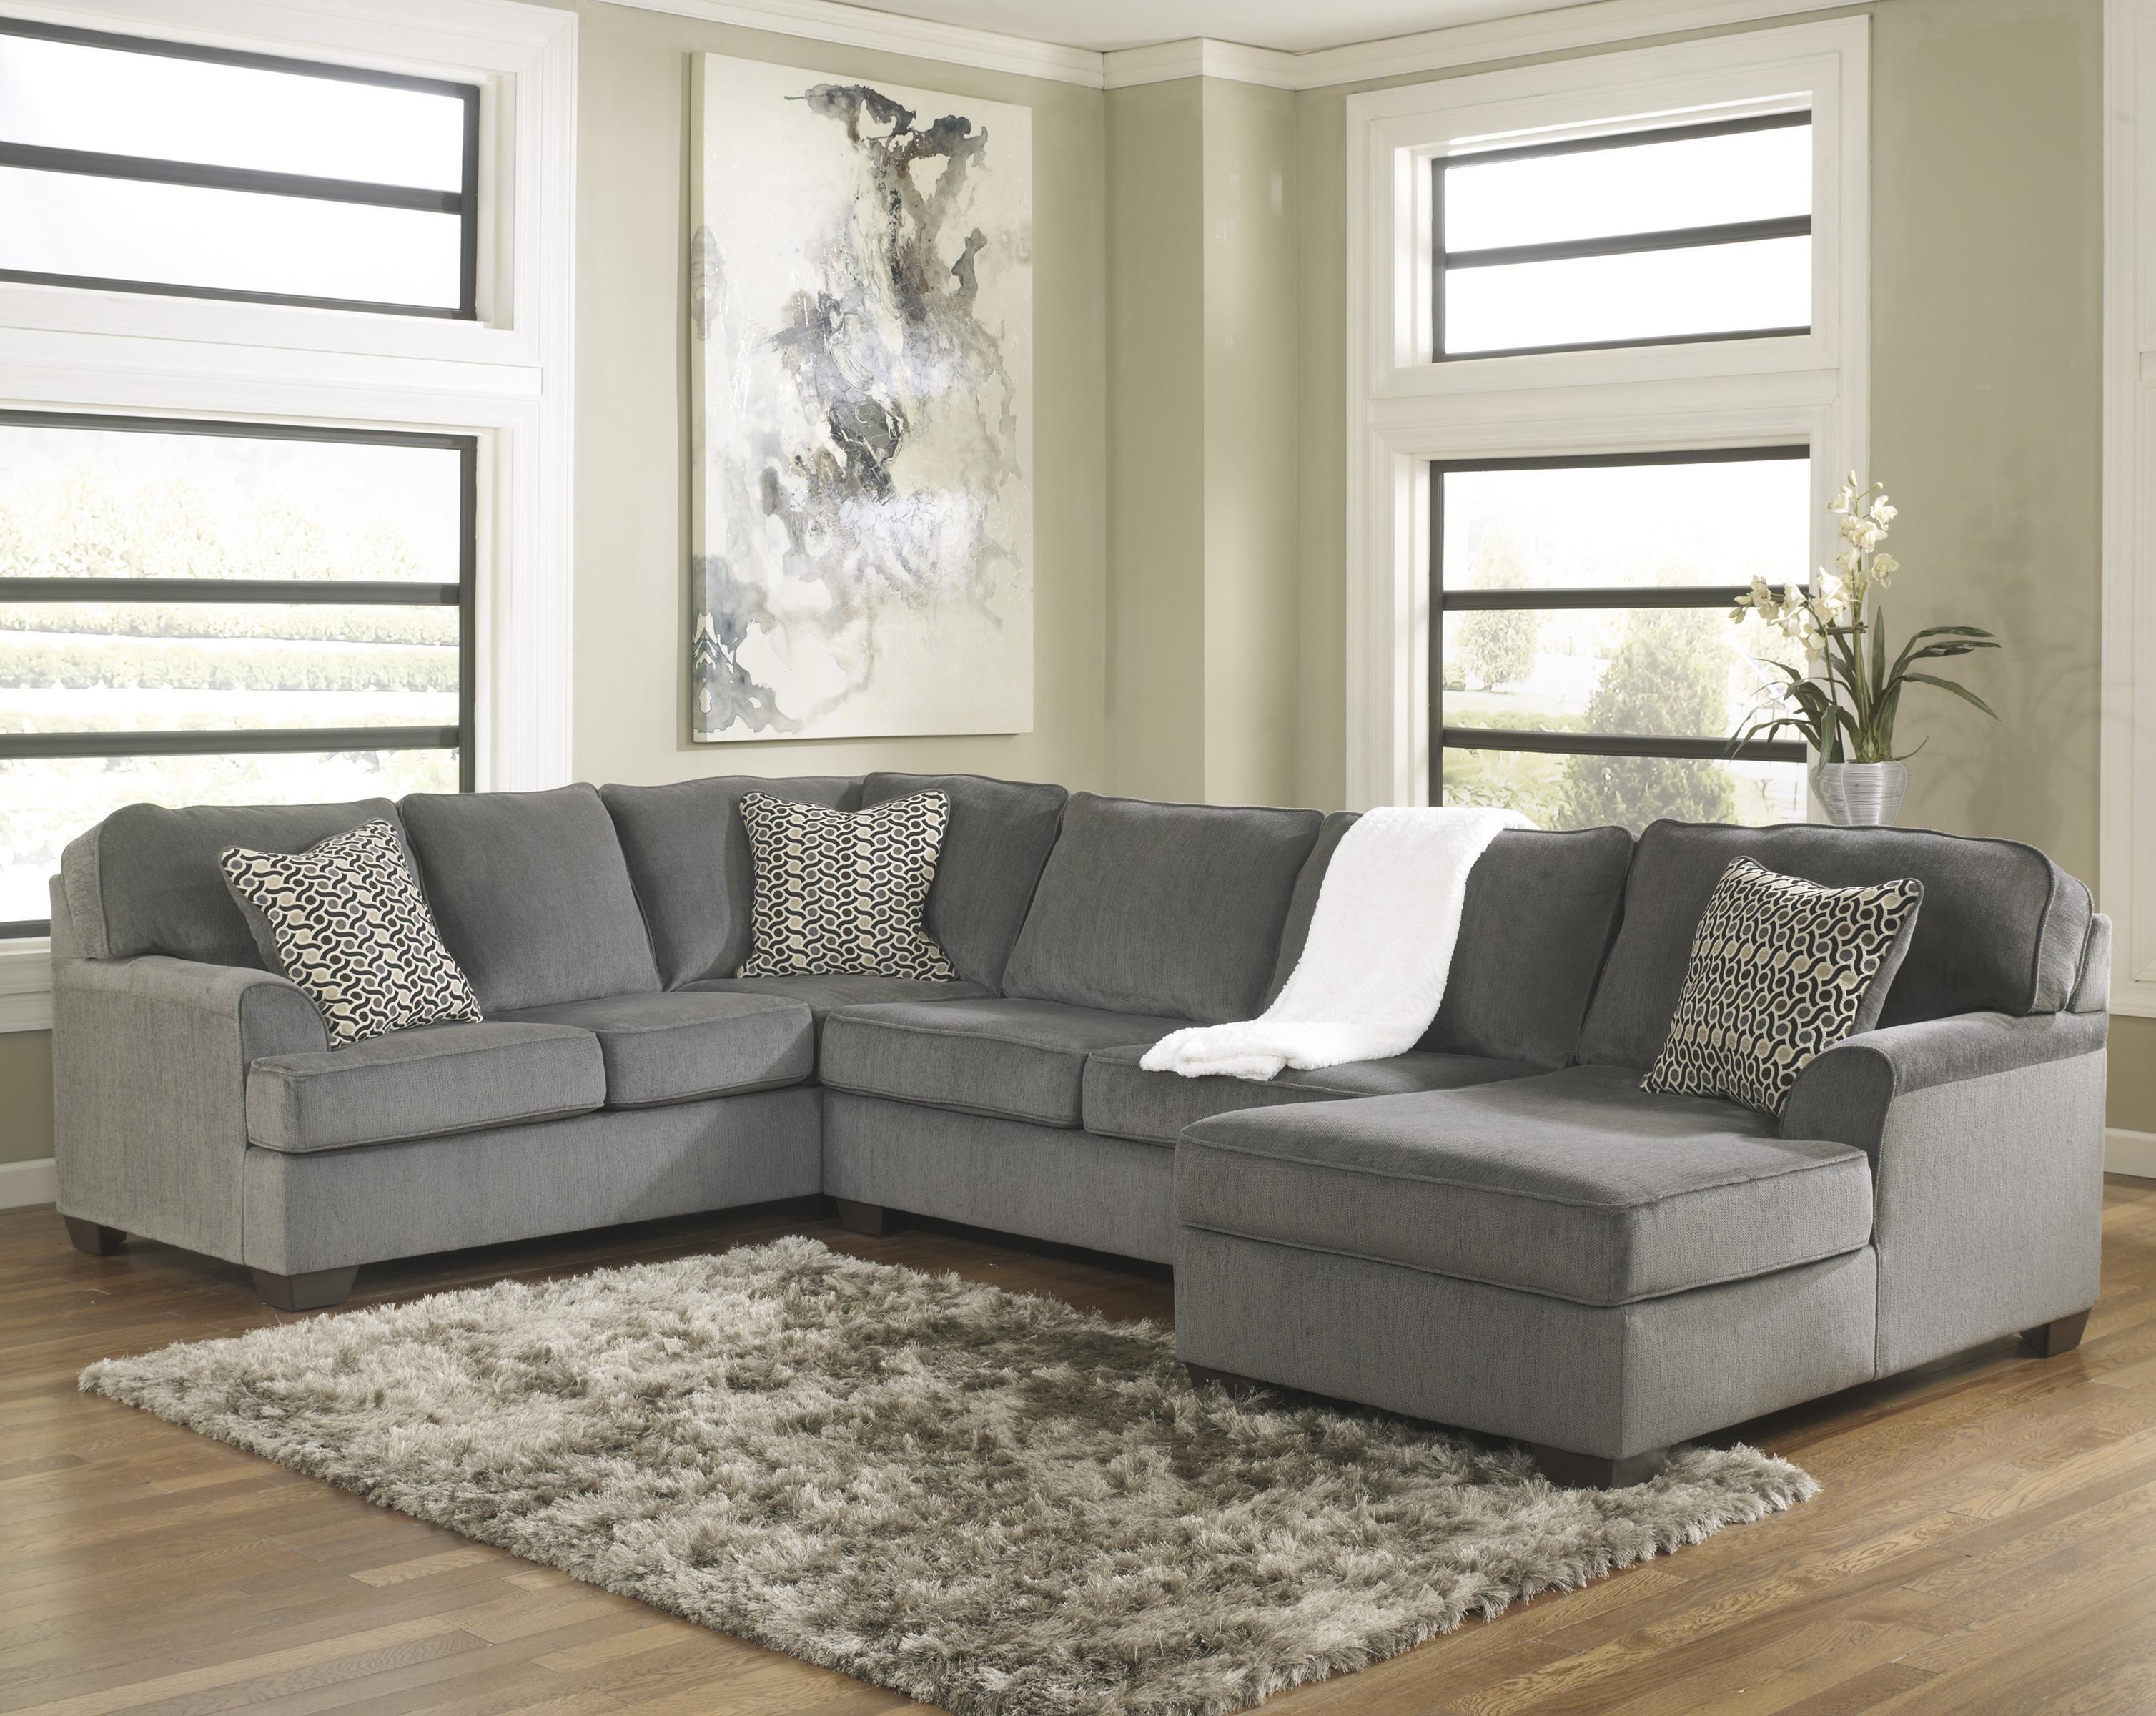 Living Room Set Of Furnitures 30 Living Room Furnitures